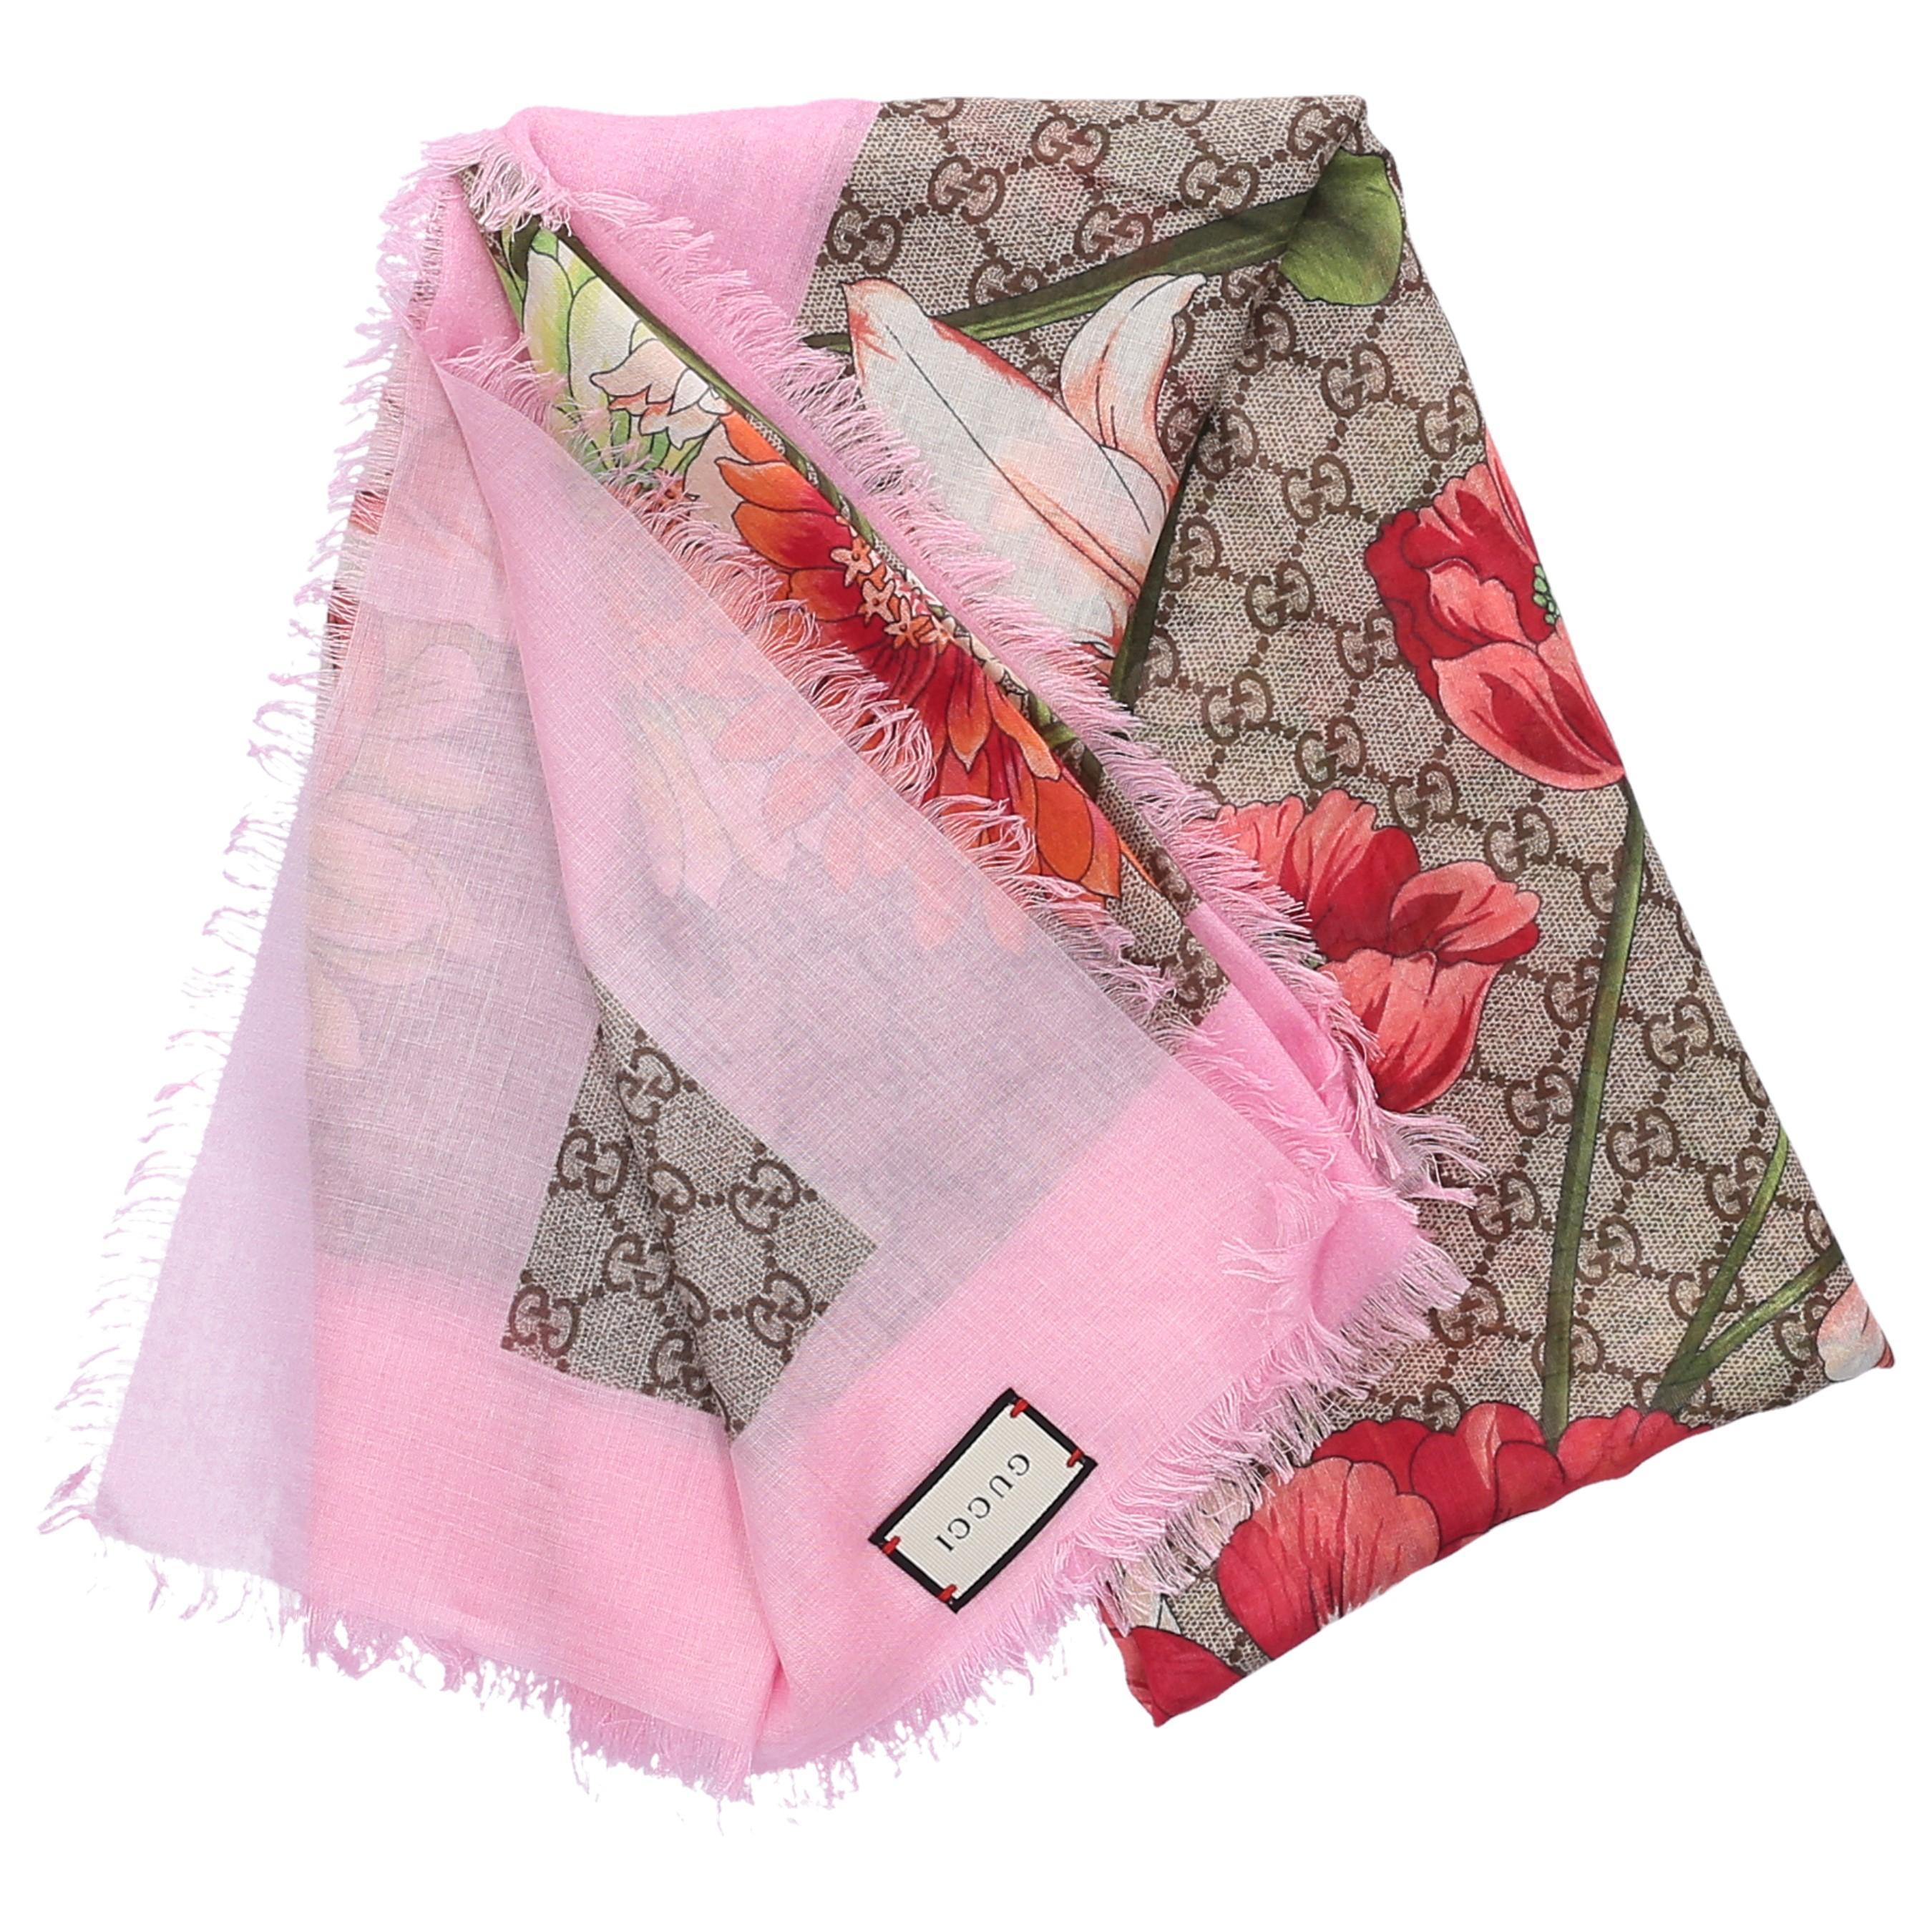 9c693860eb923 Gucci Schal 3G856 Baumwolle Logo Blumenmuster rosa beige in Pink - Lyst